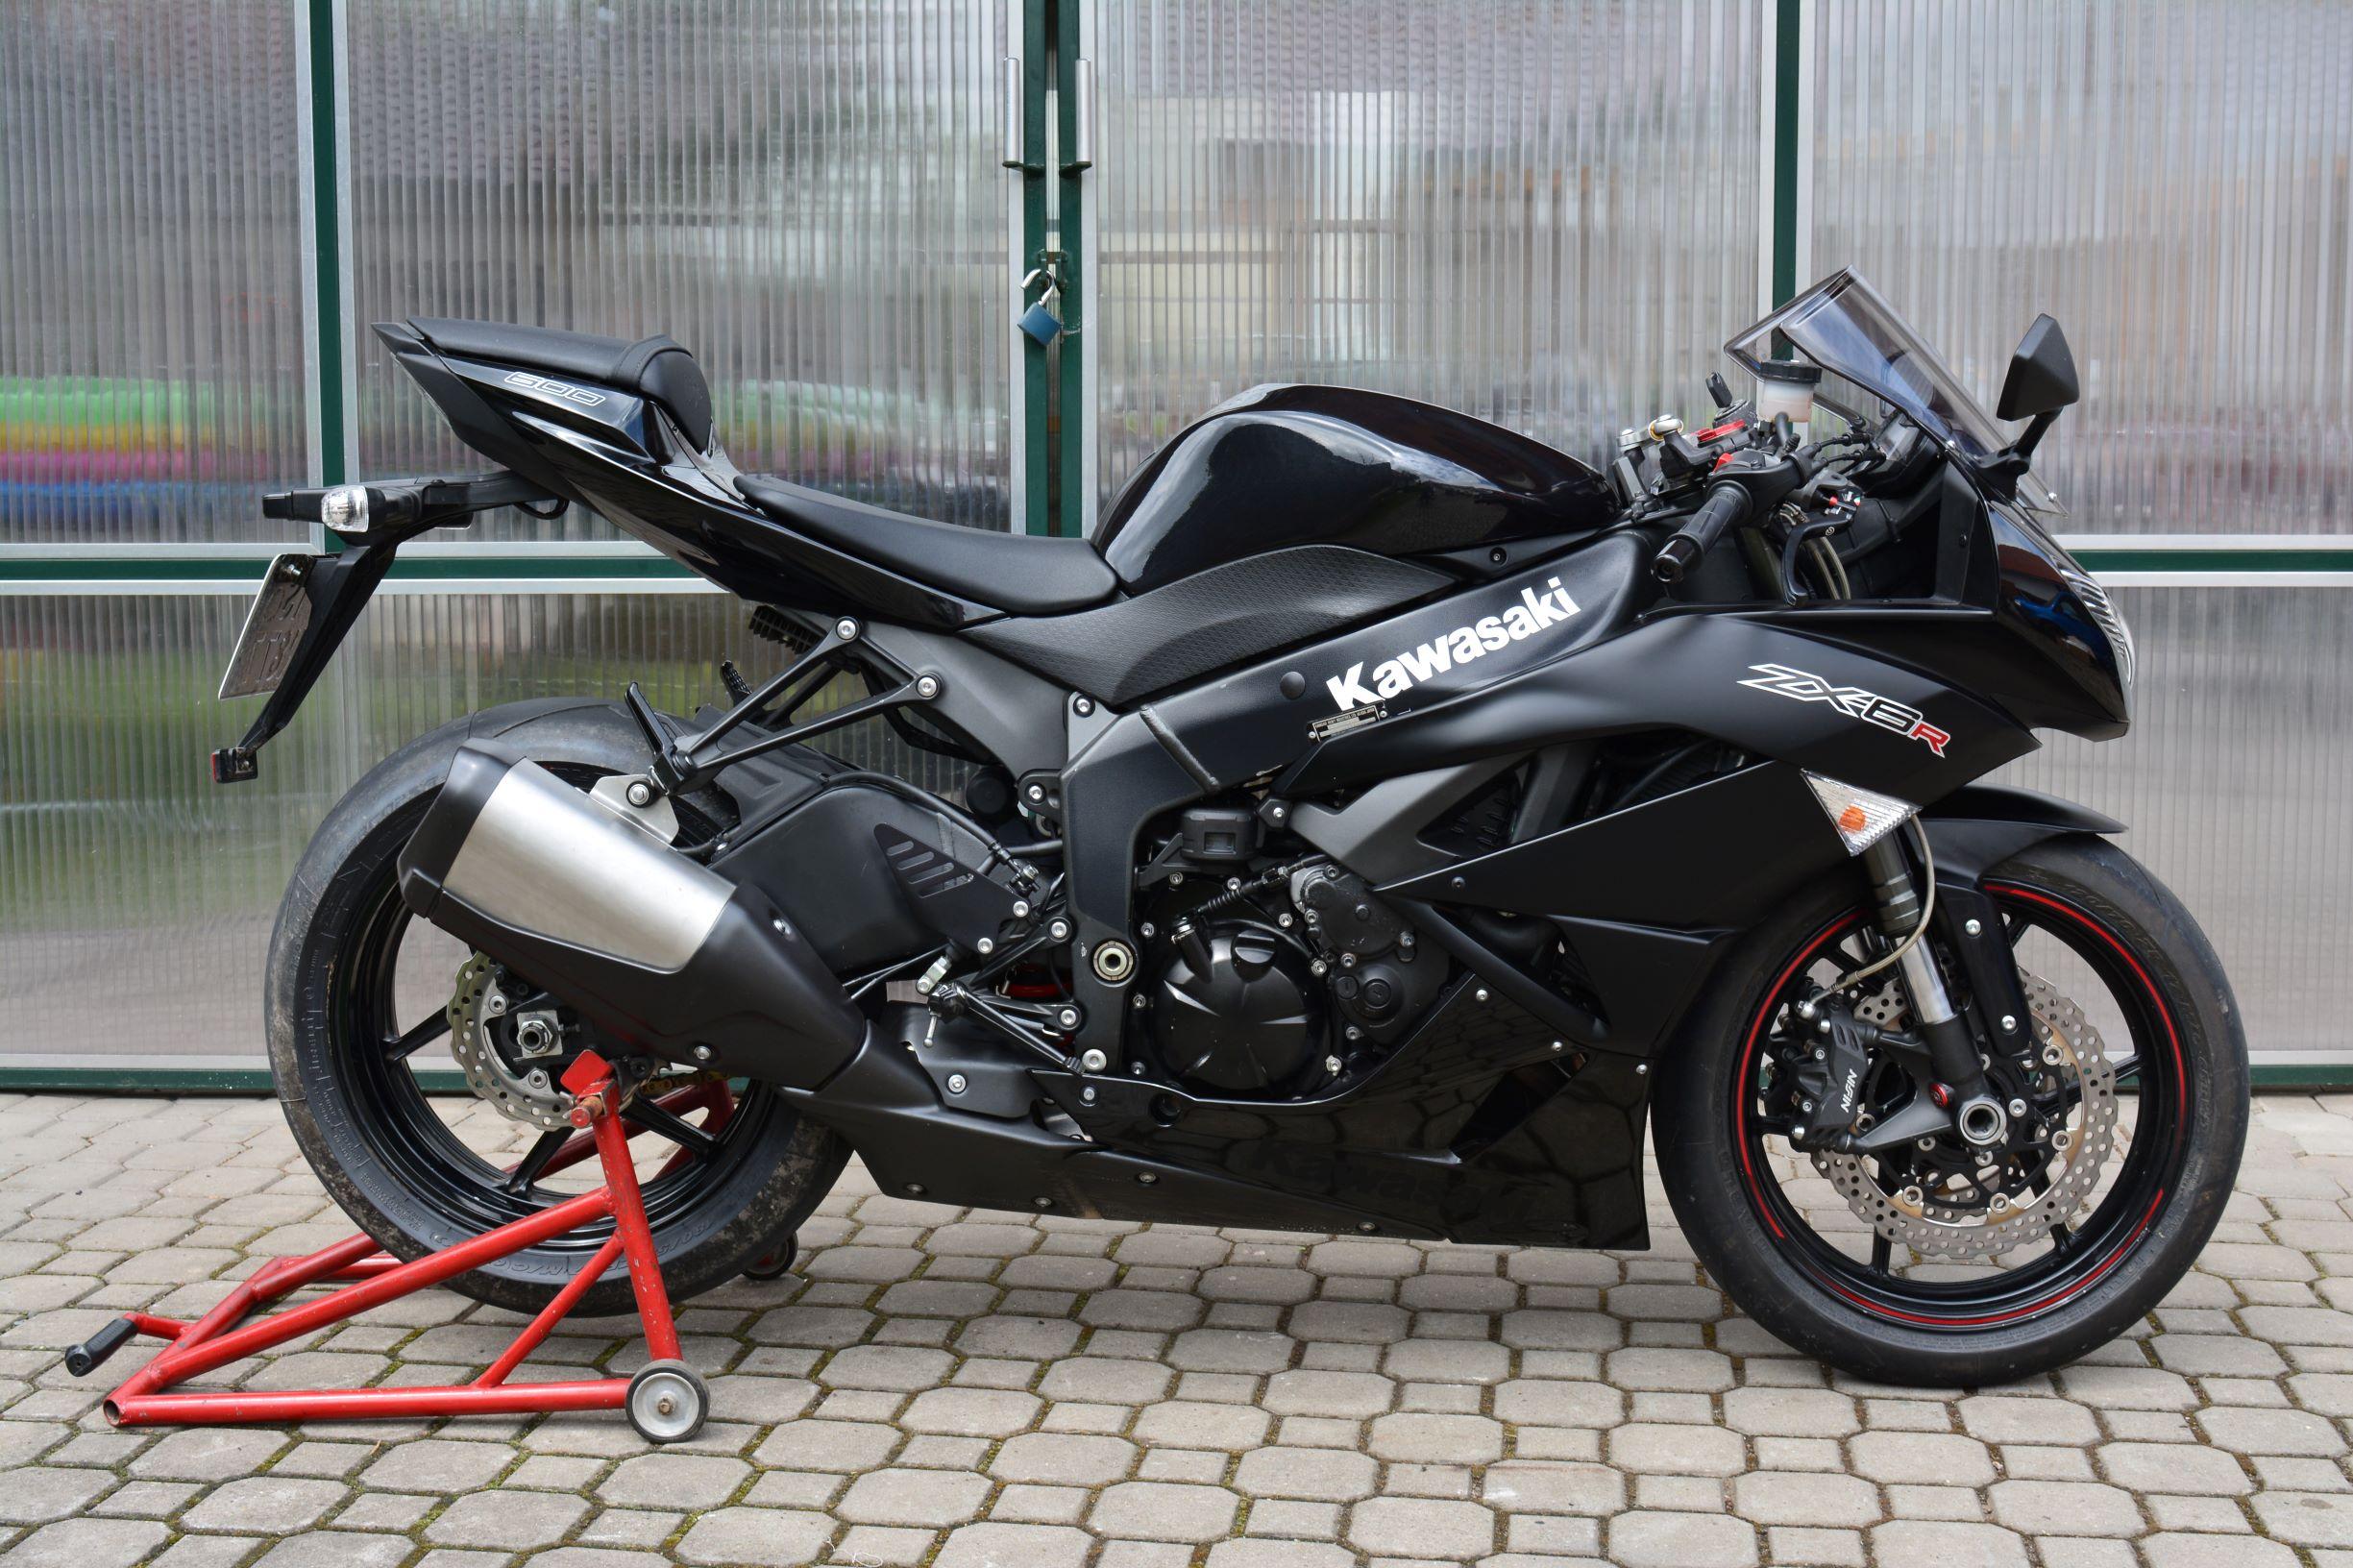 Kawasaki ZX 6R Ninja